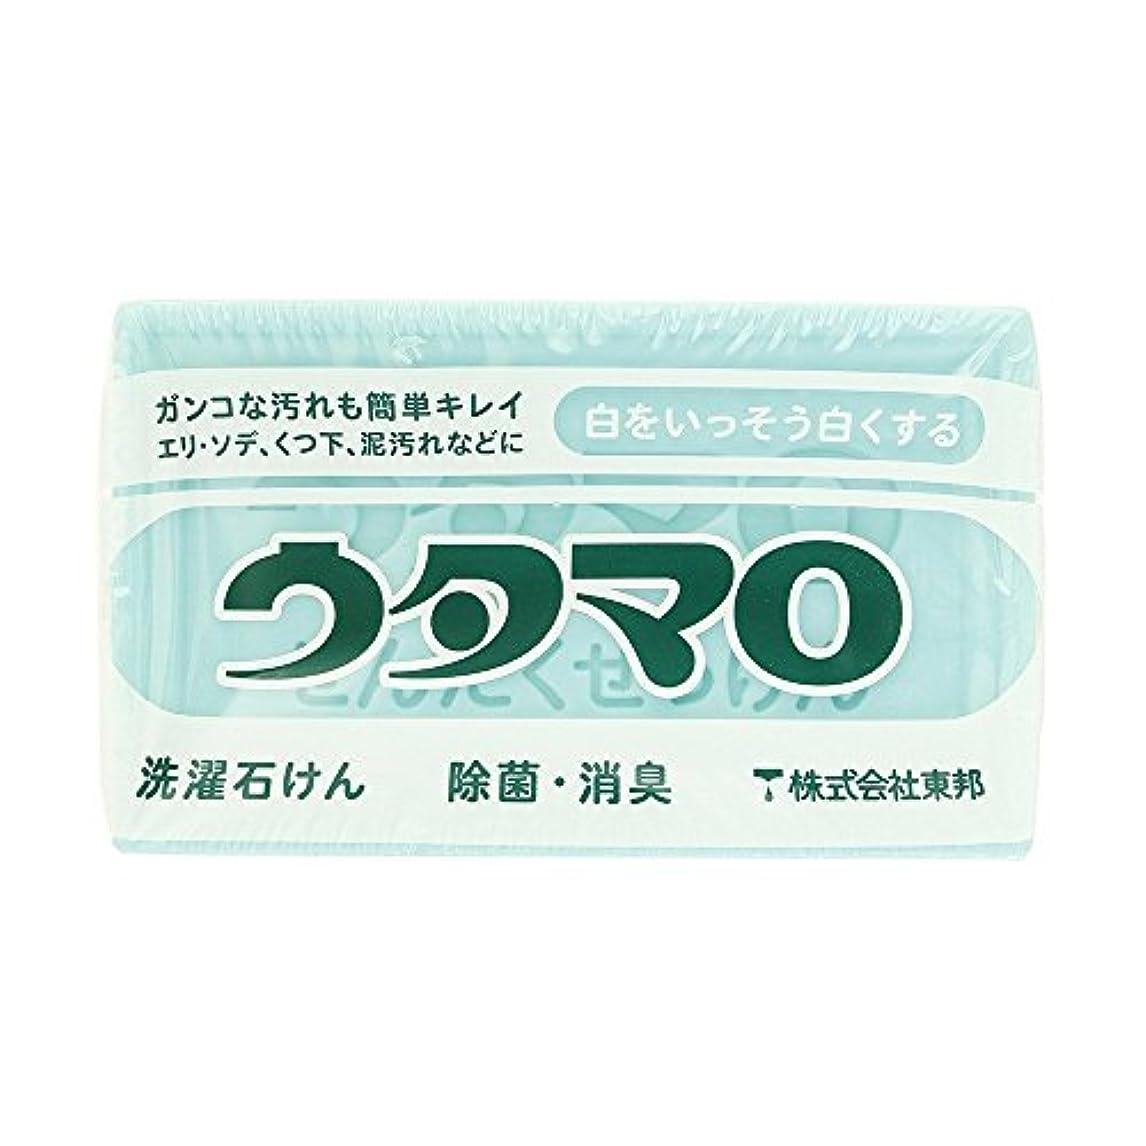 確保する思い出汚染東邦 ウタマロ洗濯石けん 133g